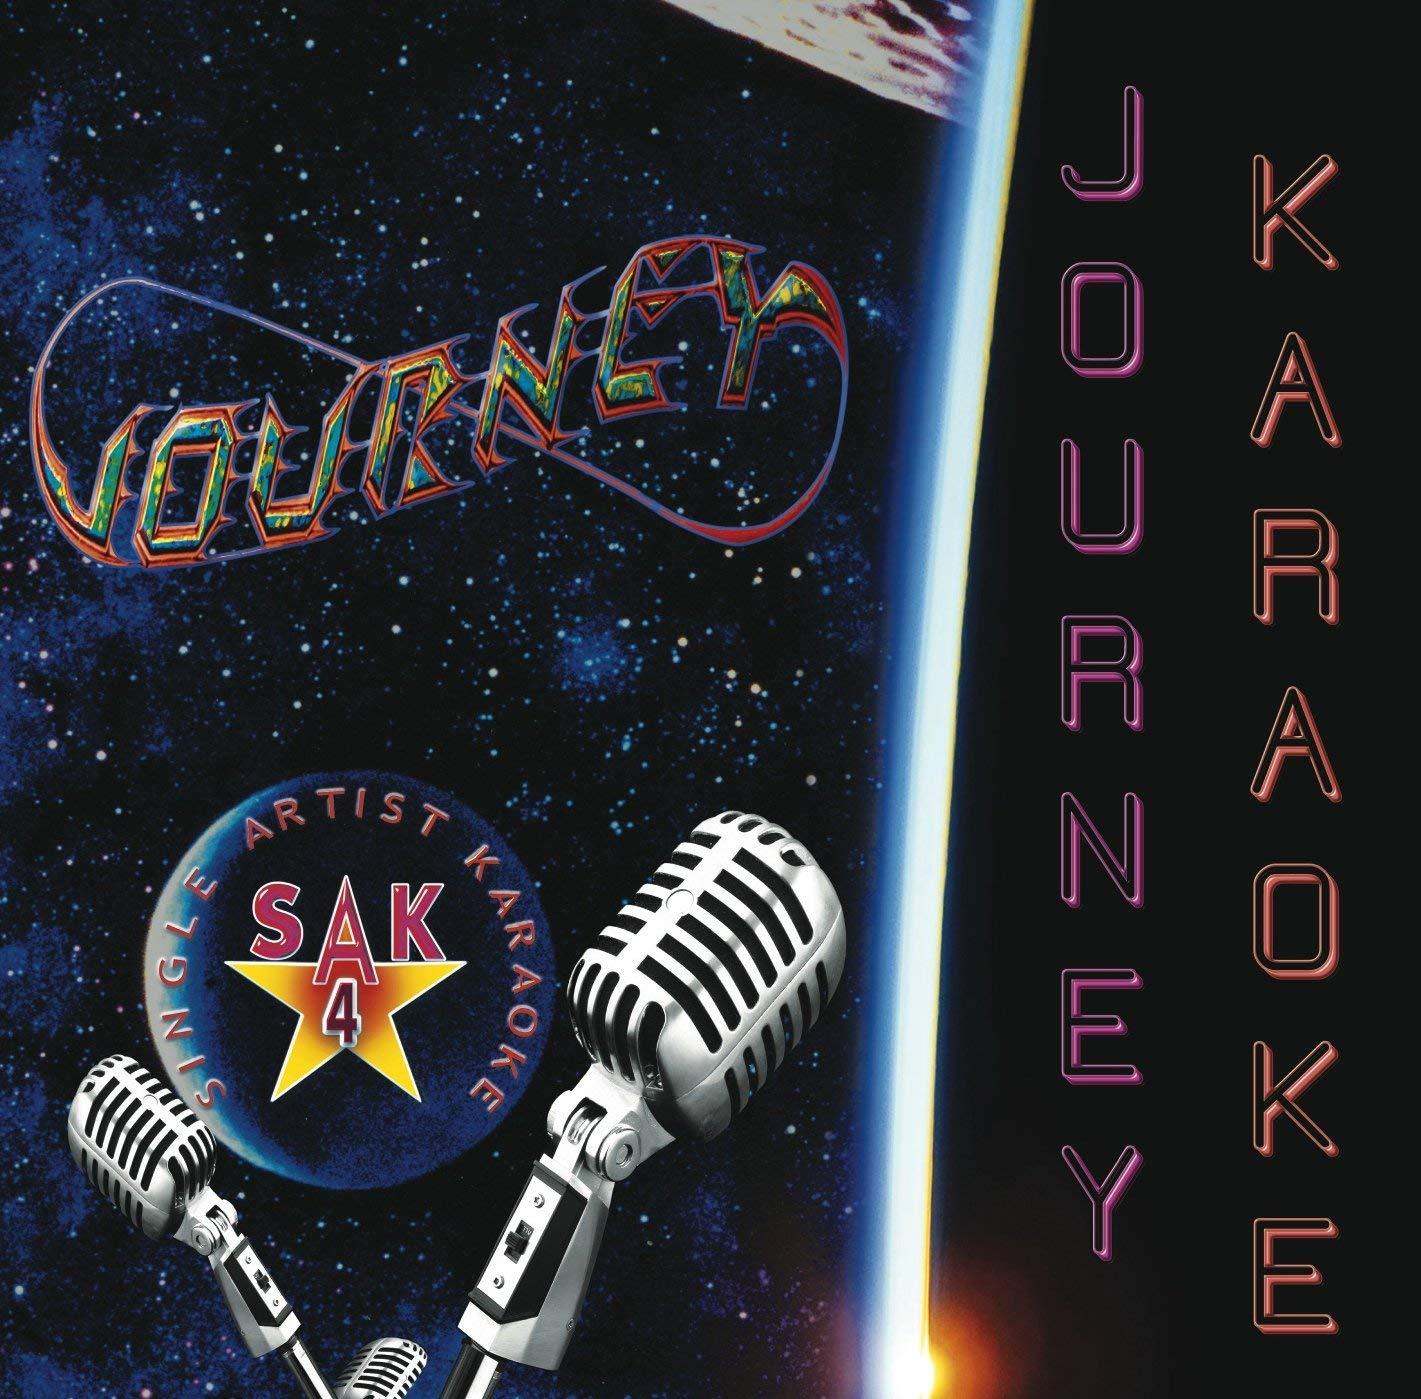 JOURNEY KARAOKE GREATEST HITS - DON'T STOP BELIEVIN'